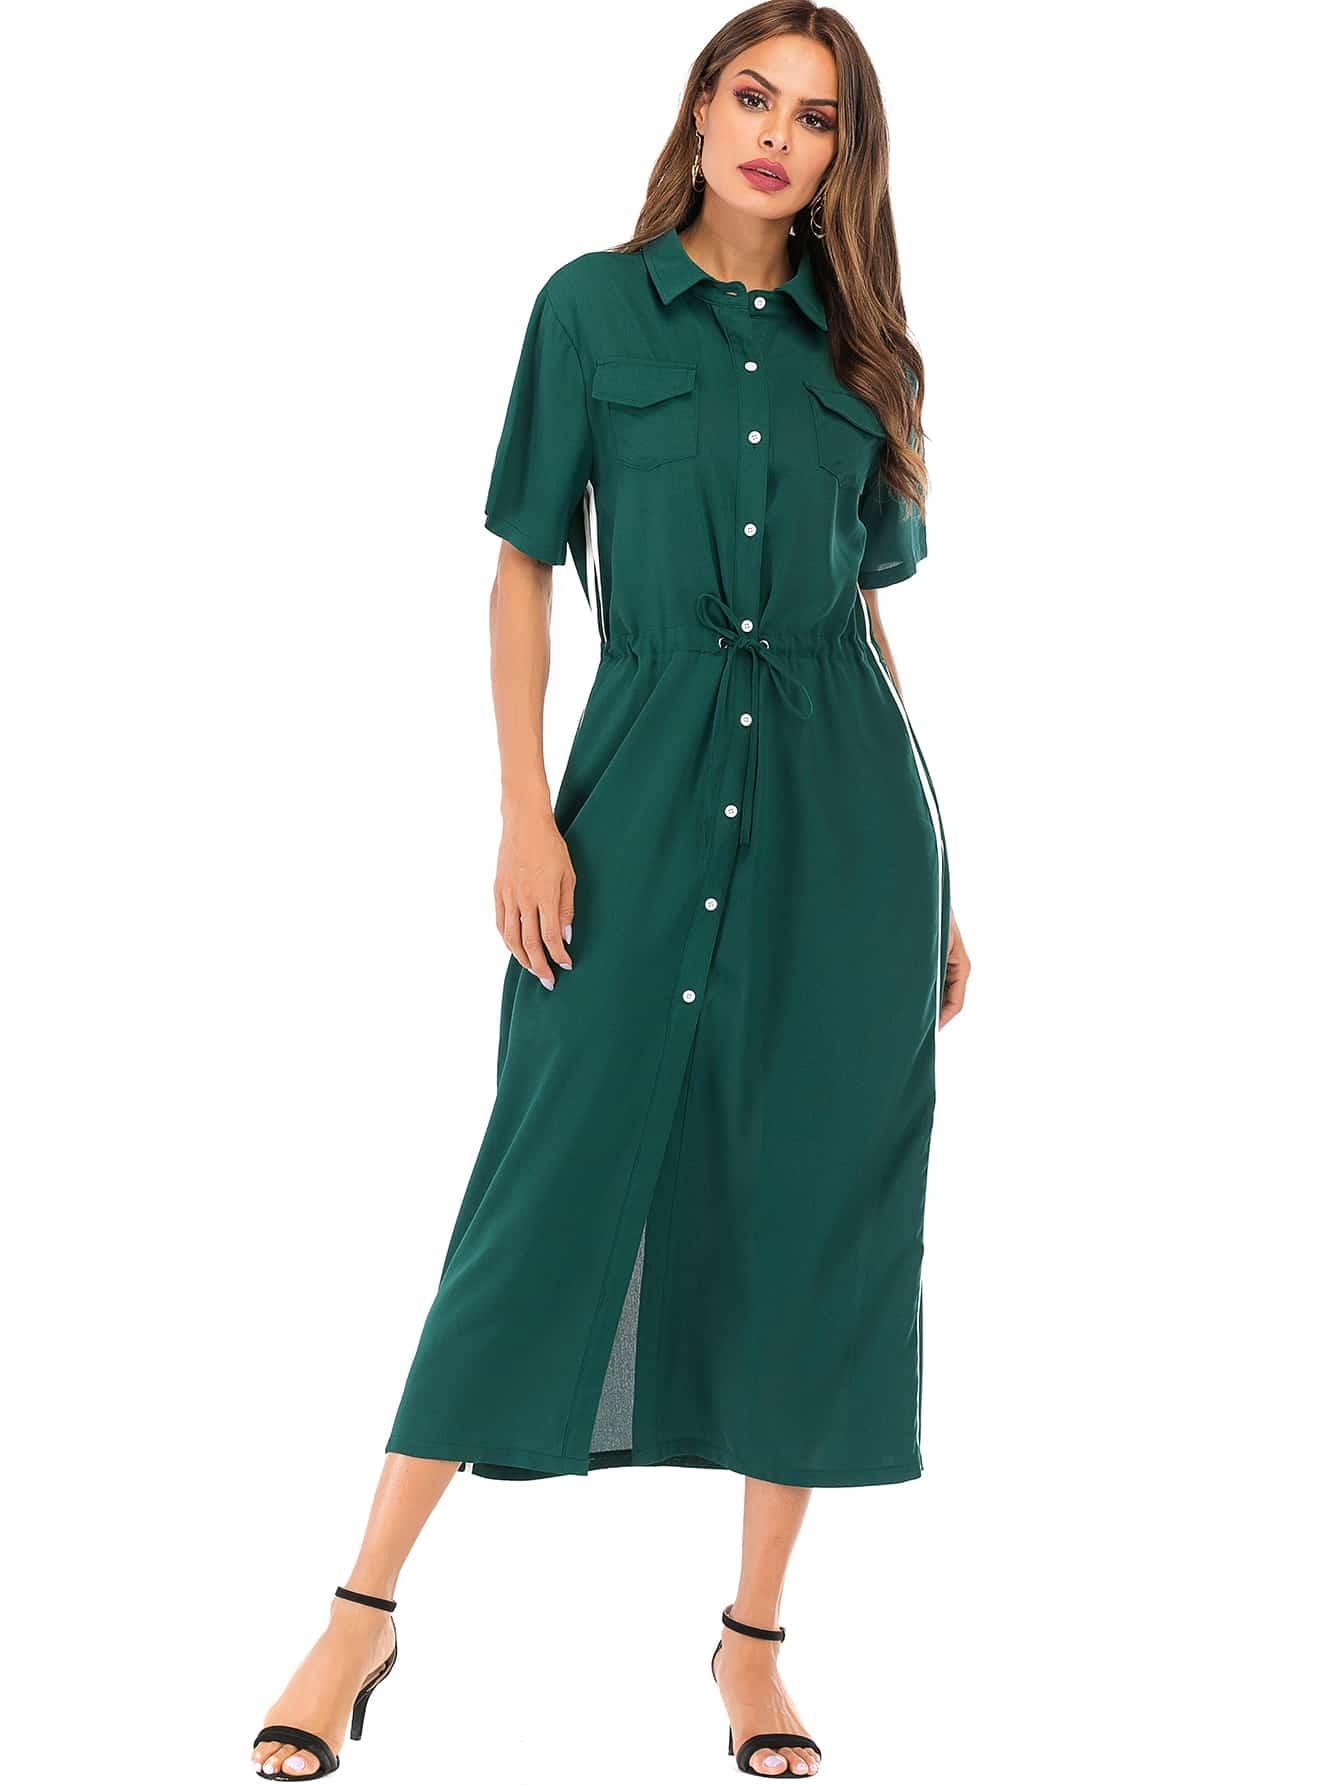 Фото - Платье-рубашка на кулиске с полосками от SheIn цвет зелёные